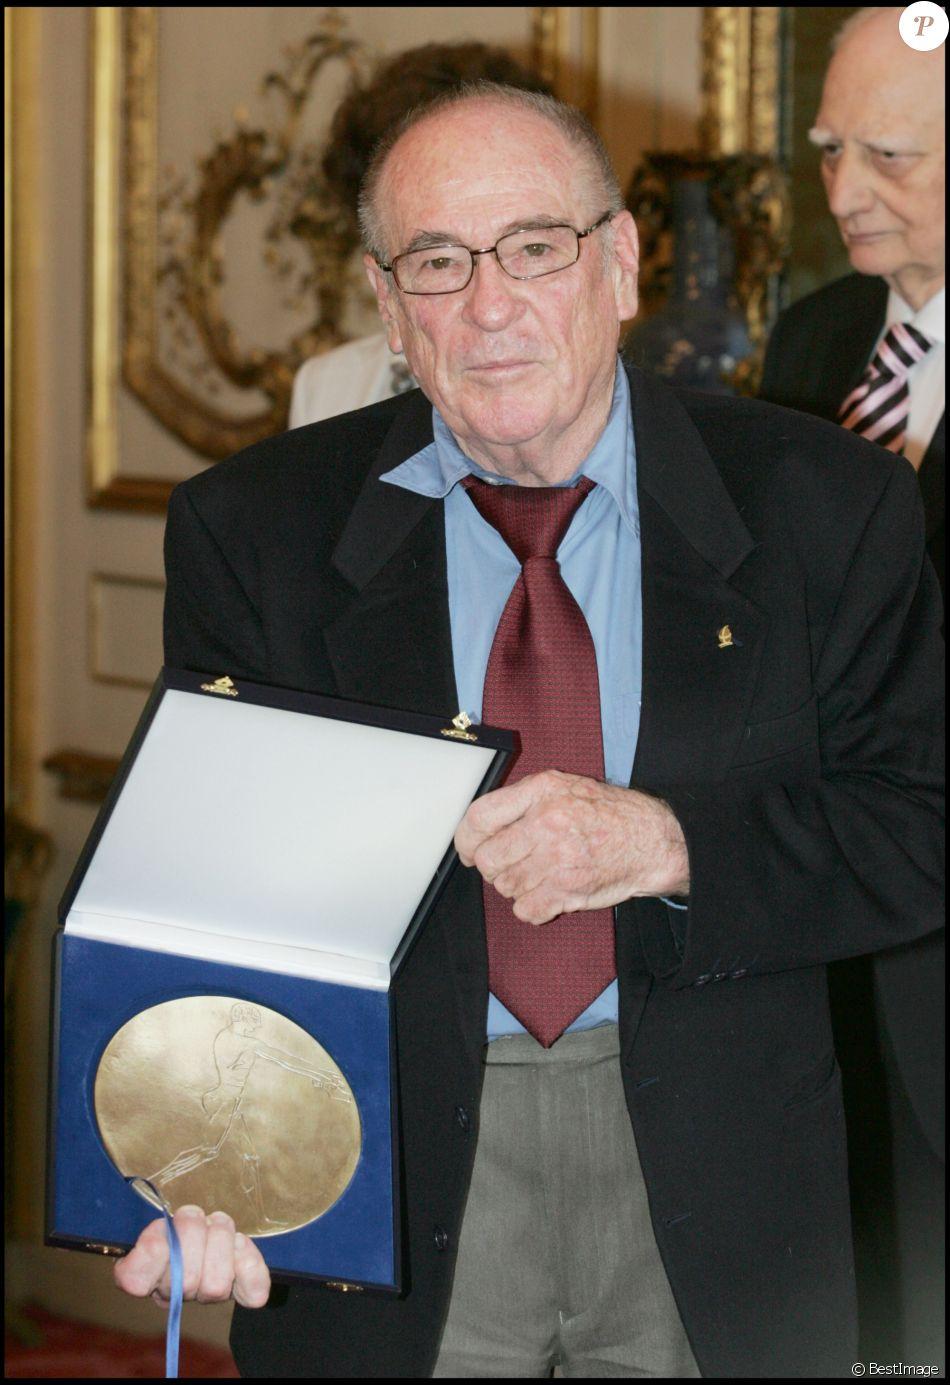 Jean Vuarnet reçoit le prix Alain Danet à Paris. Avril 2007.